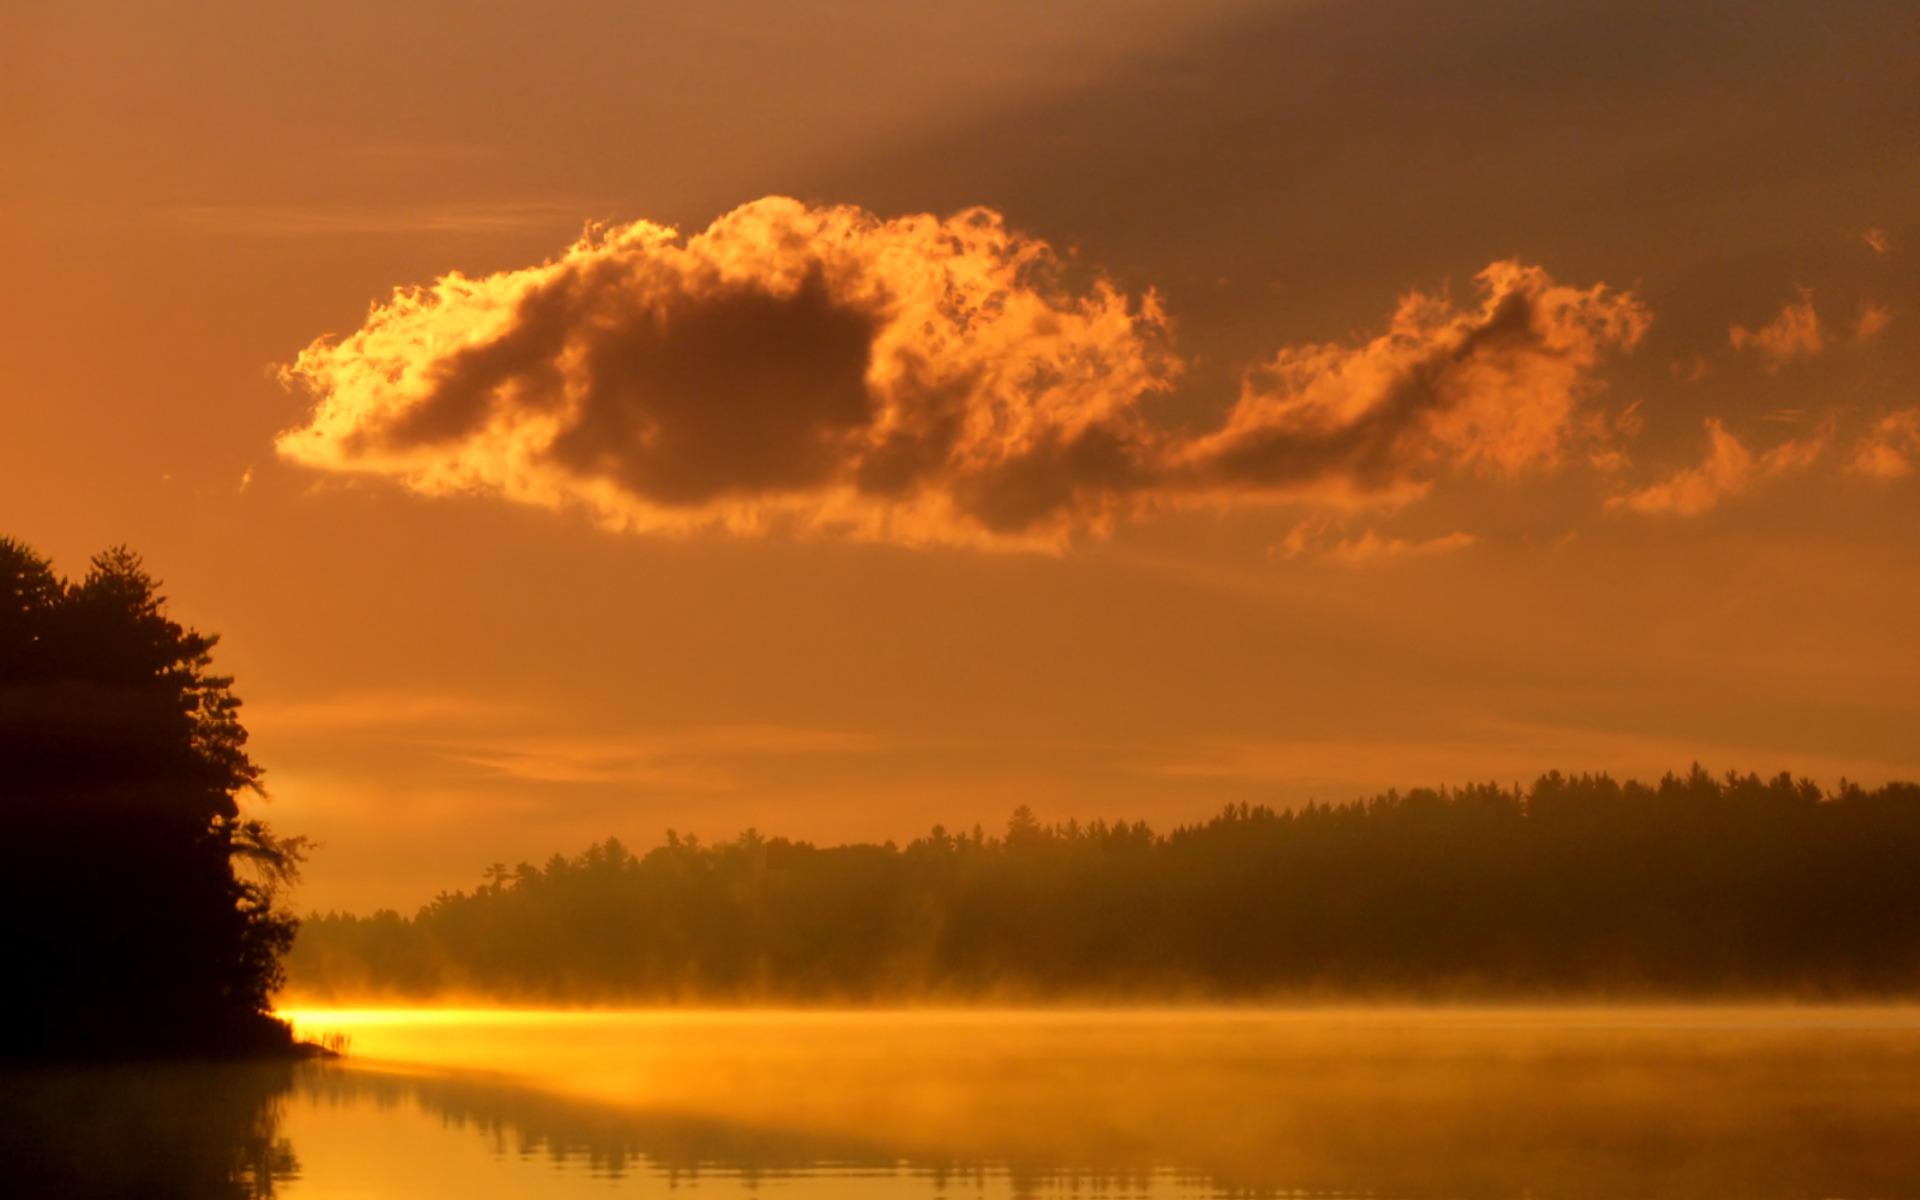 Закат в тумане в лесу  № 1140070 загрузить